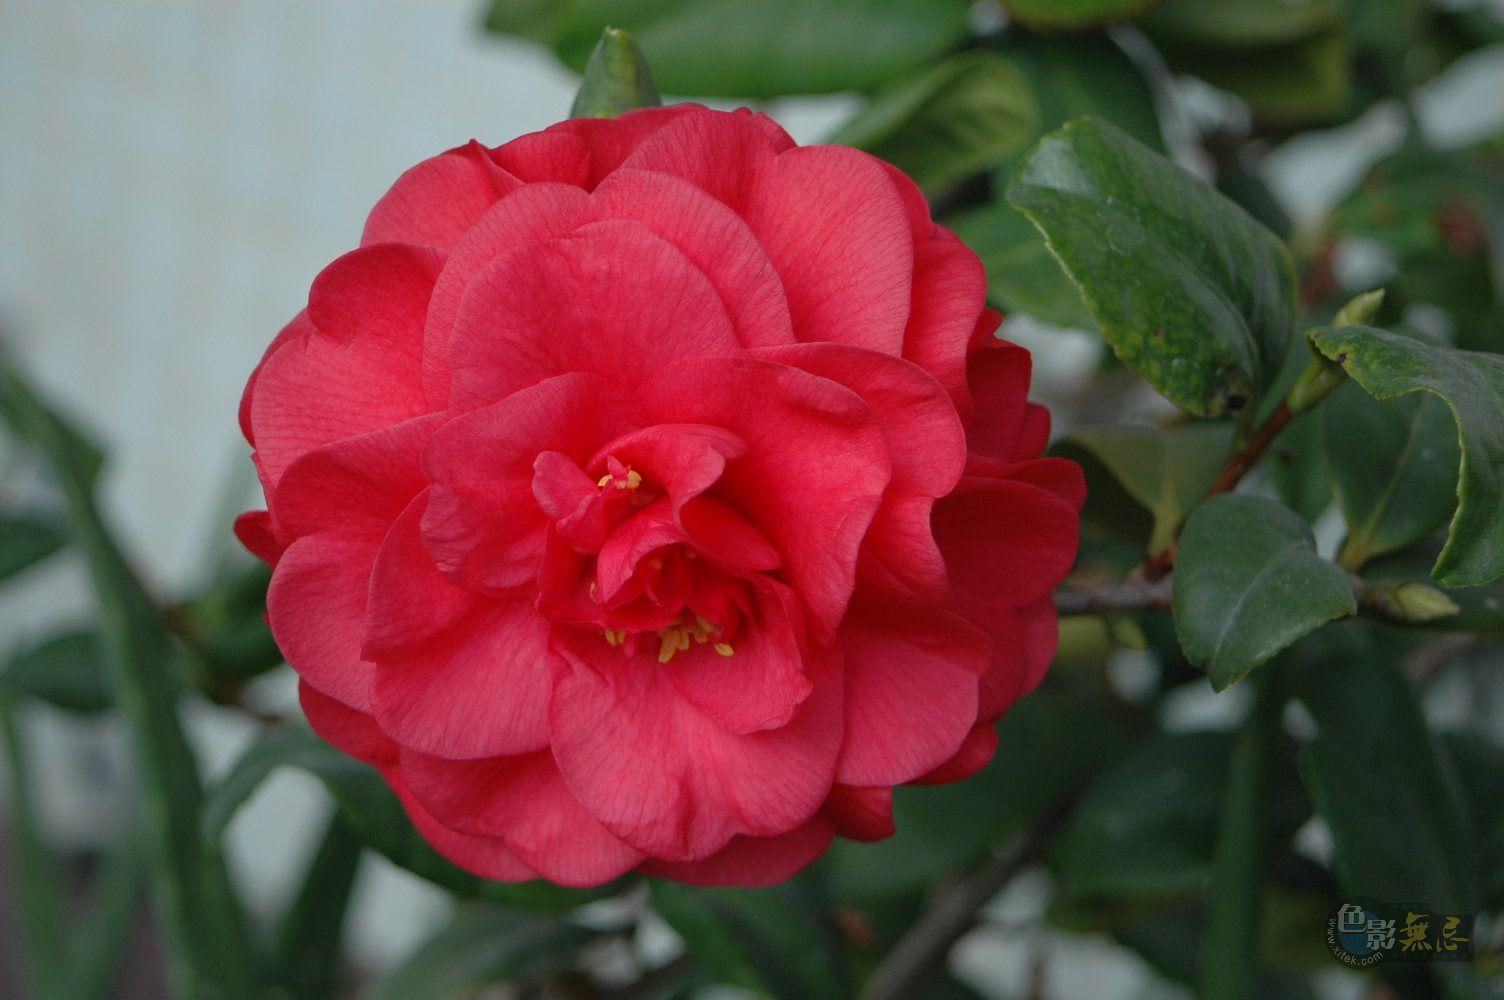 新野山人作品:一朵红花